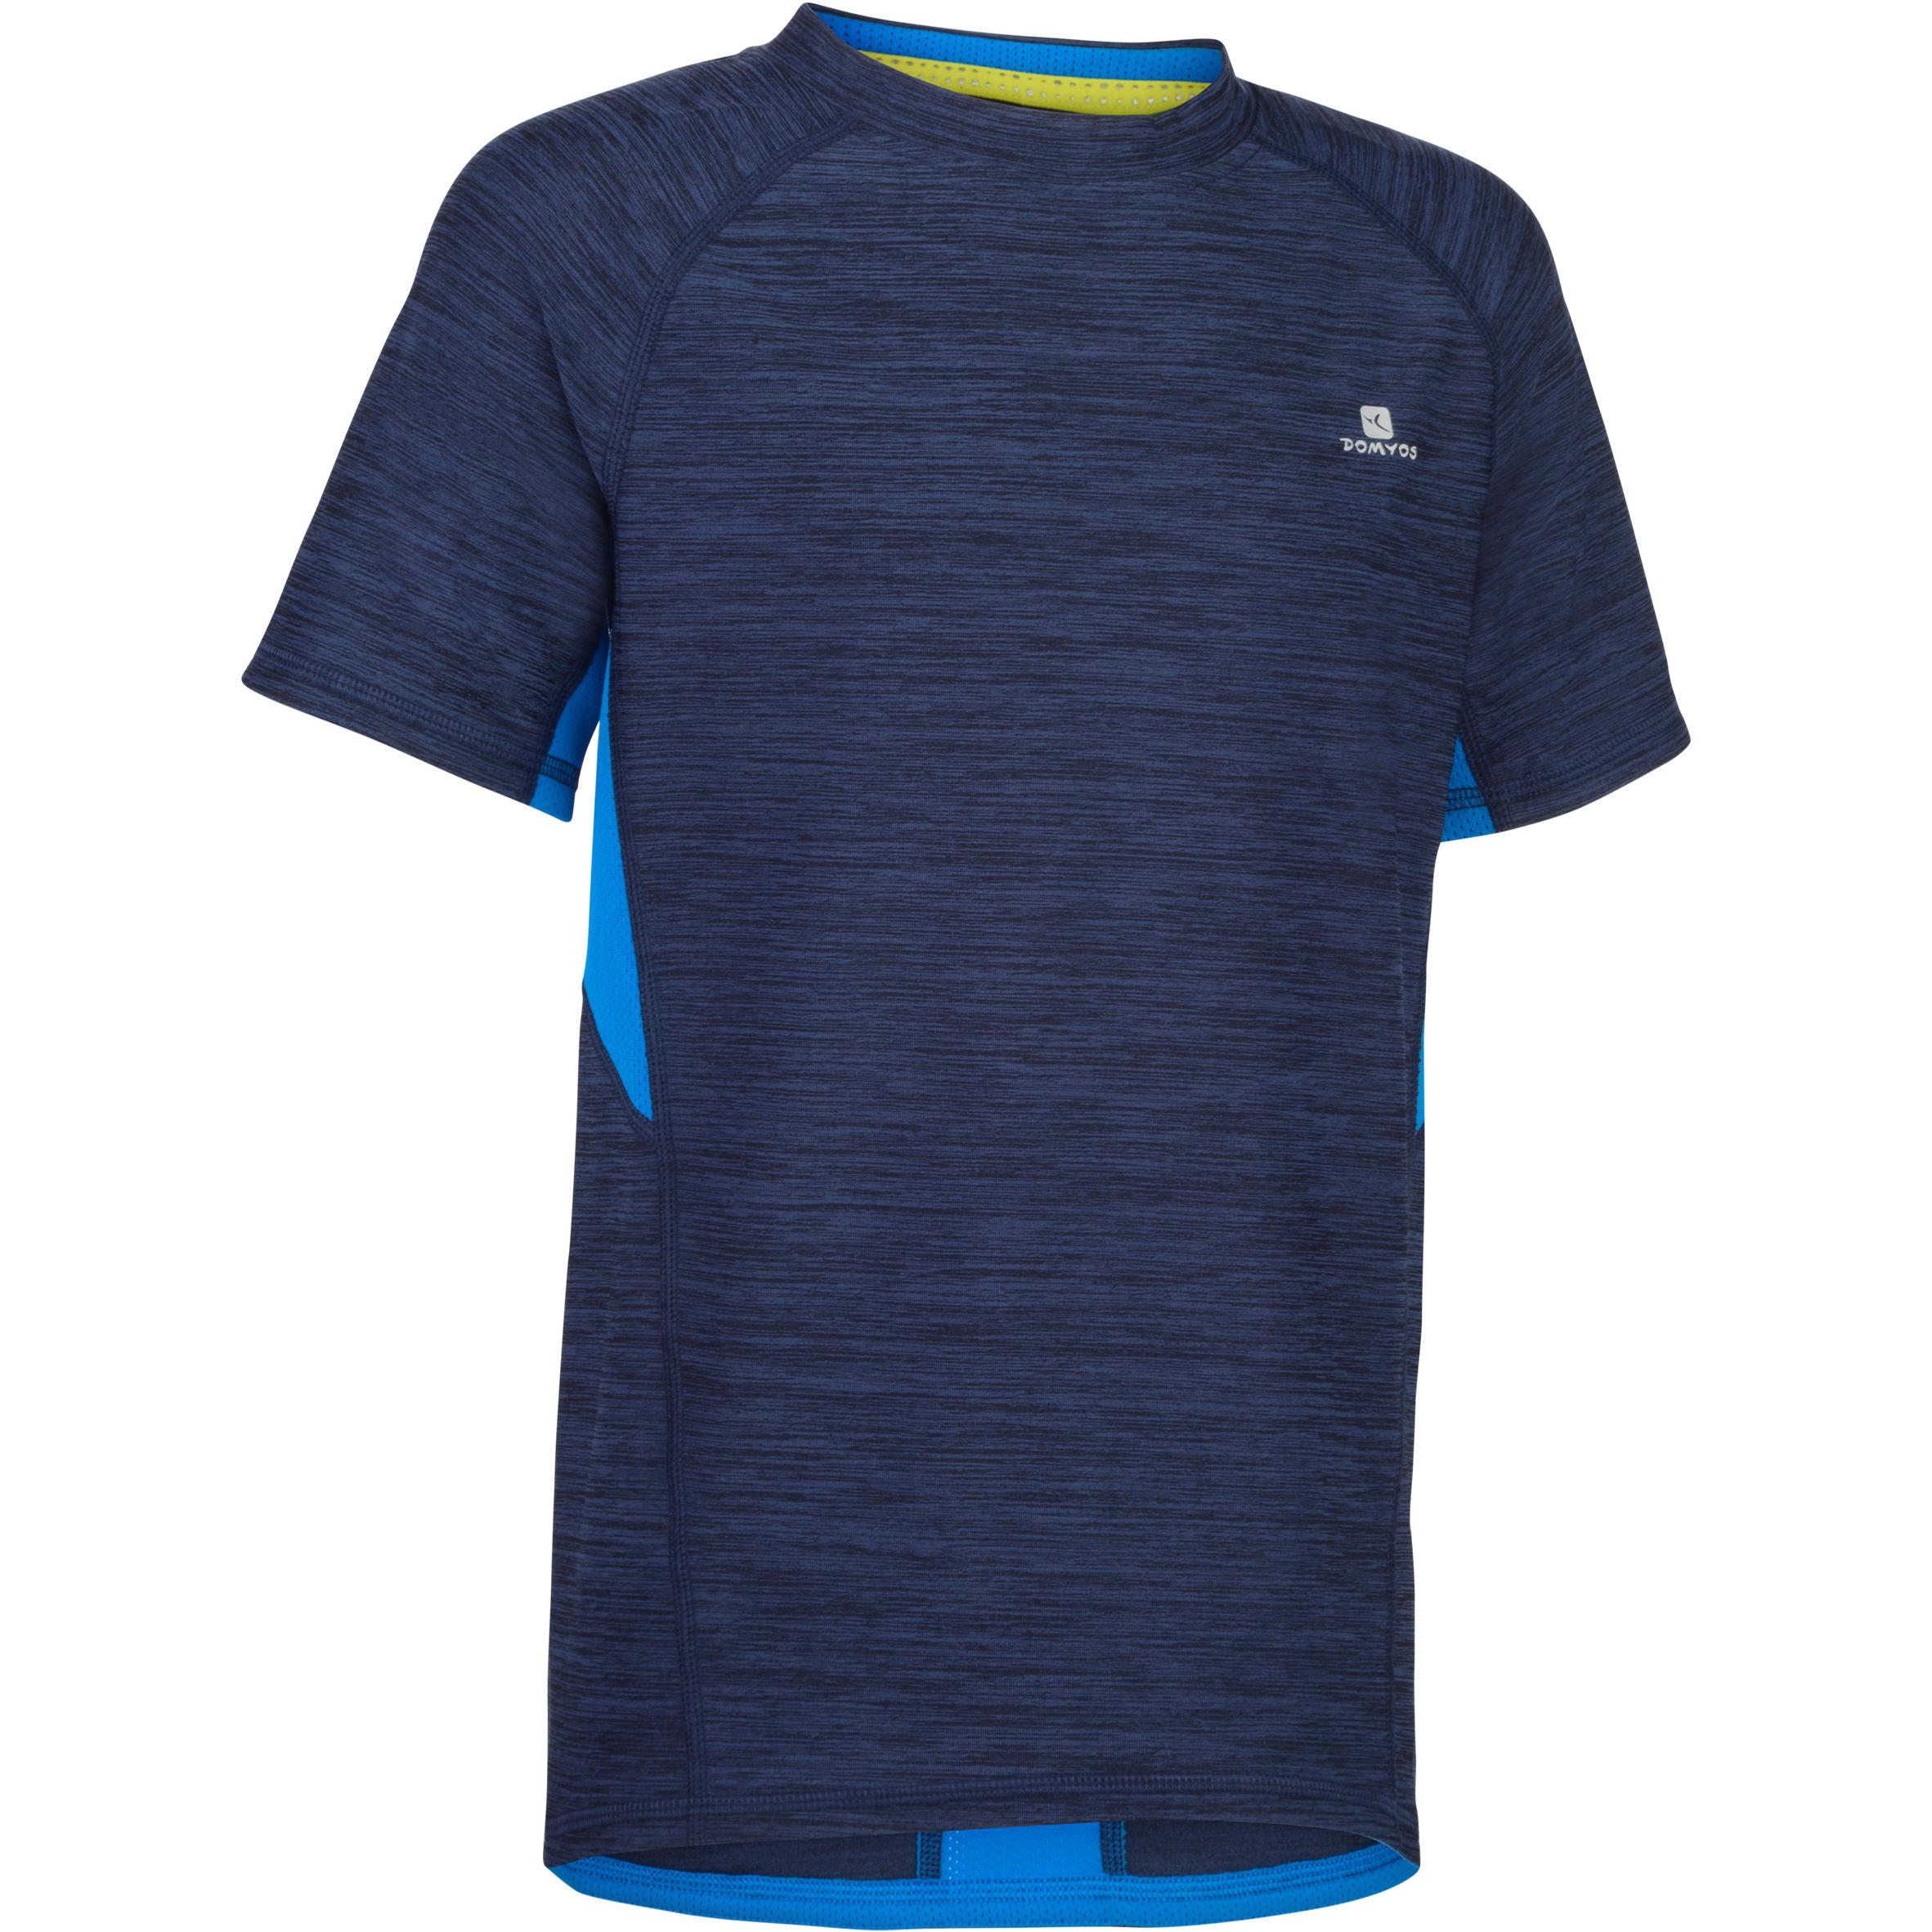 Tee-shirt 960 manches courtes gym garçon marine